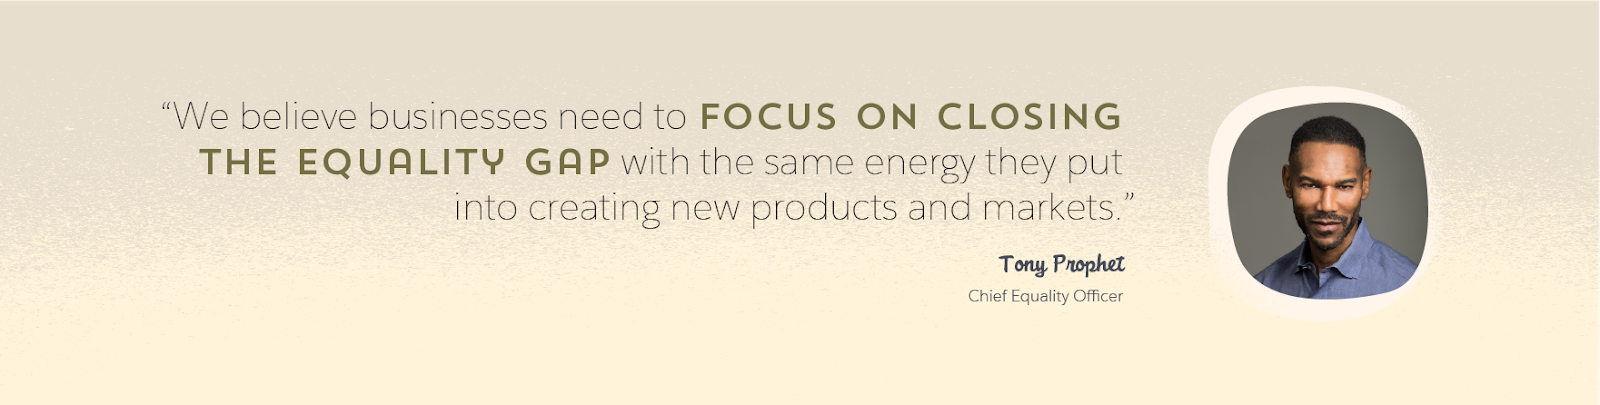 Image de Tony Prophet, Chief Equality Officer de Salesforce, et une citation de lui: «Nous sommes convaincus que nous devons consacrer la même énergie à réduire les disparités en matière d'égalité qu'à créer de nouveaux produits et de nouveaux marchés.»